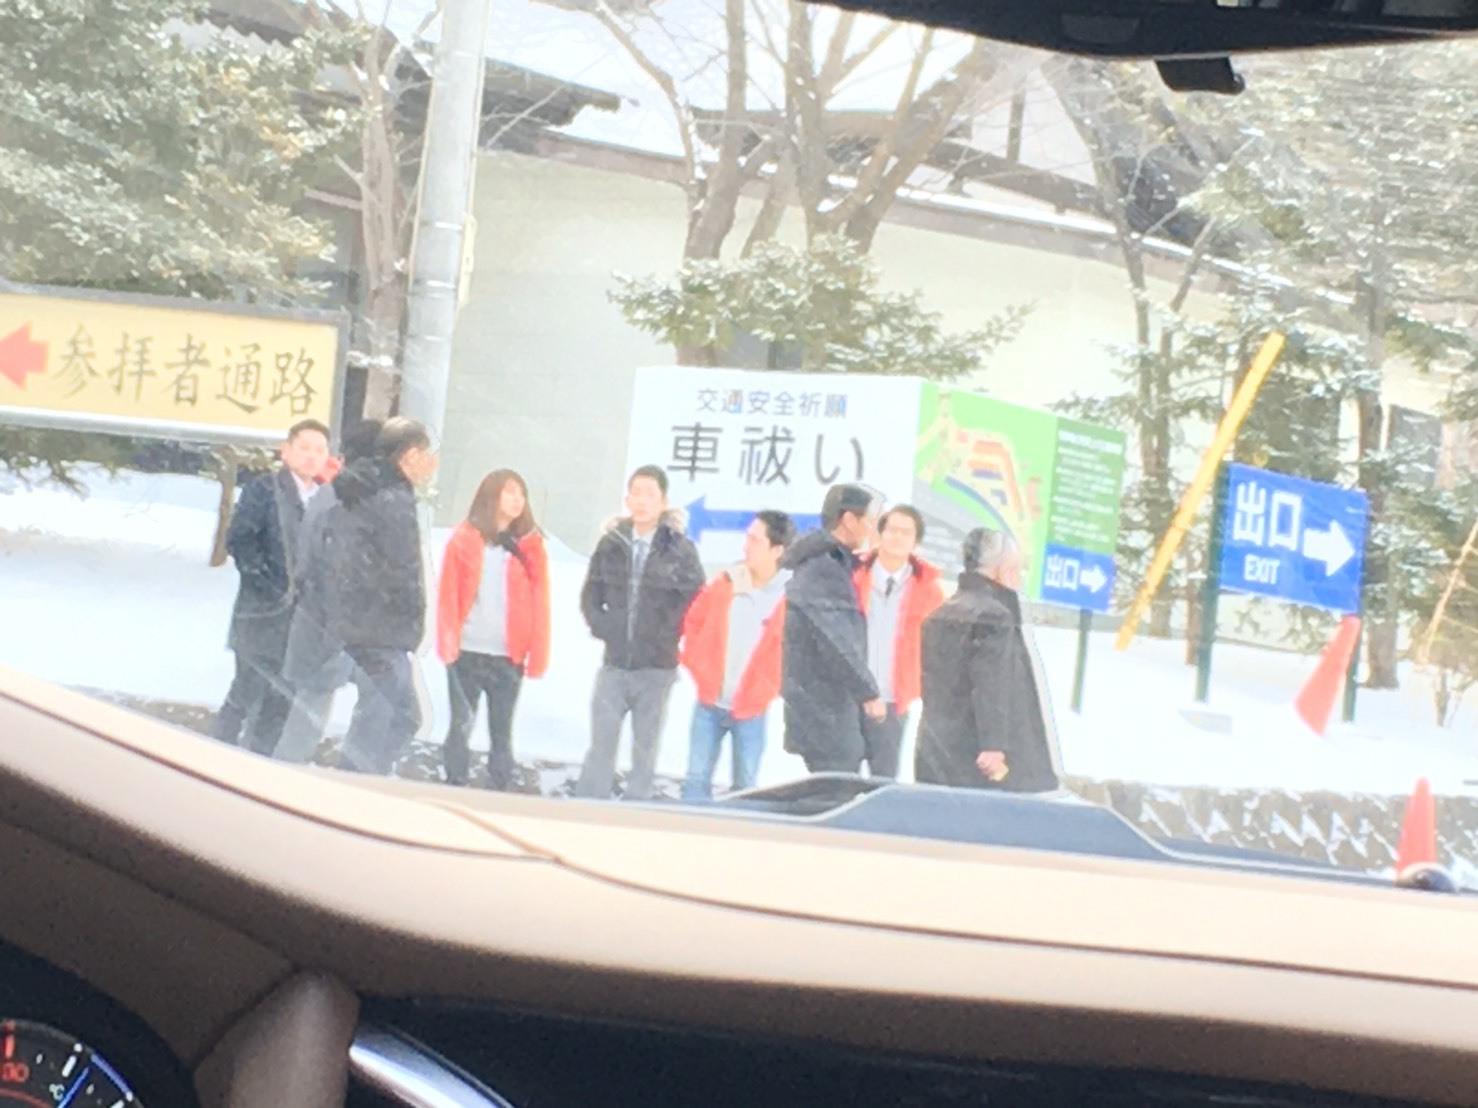 1月7日(火) 本店ブログ♡ 明けましておめでとうございます✨ ランクル エスカレードのことなら♪TOMMYモータース♪_b0127002_18463553.jpg